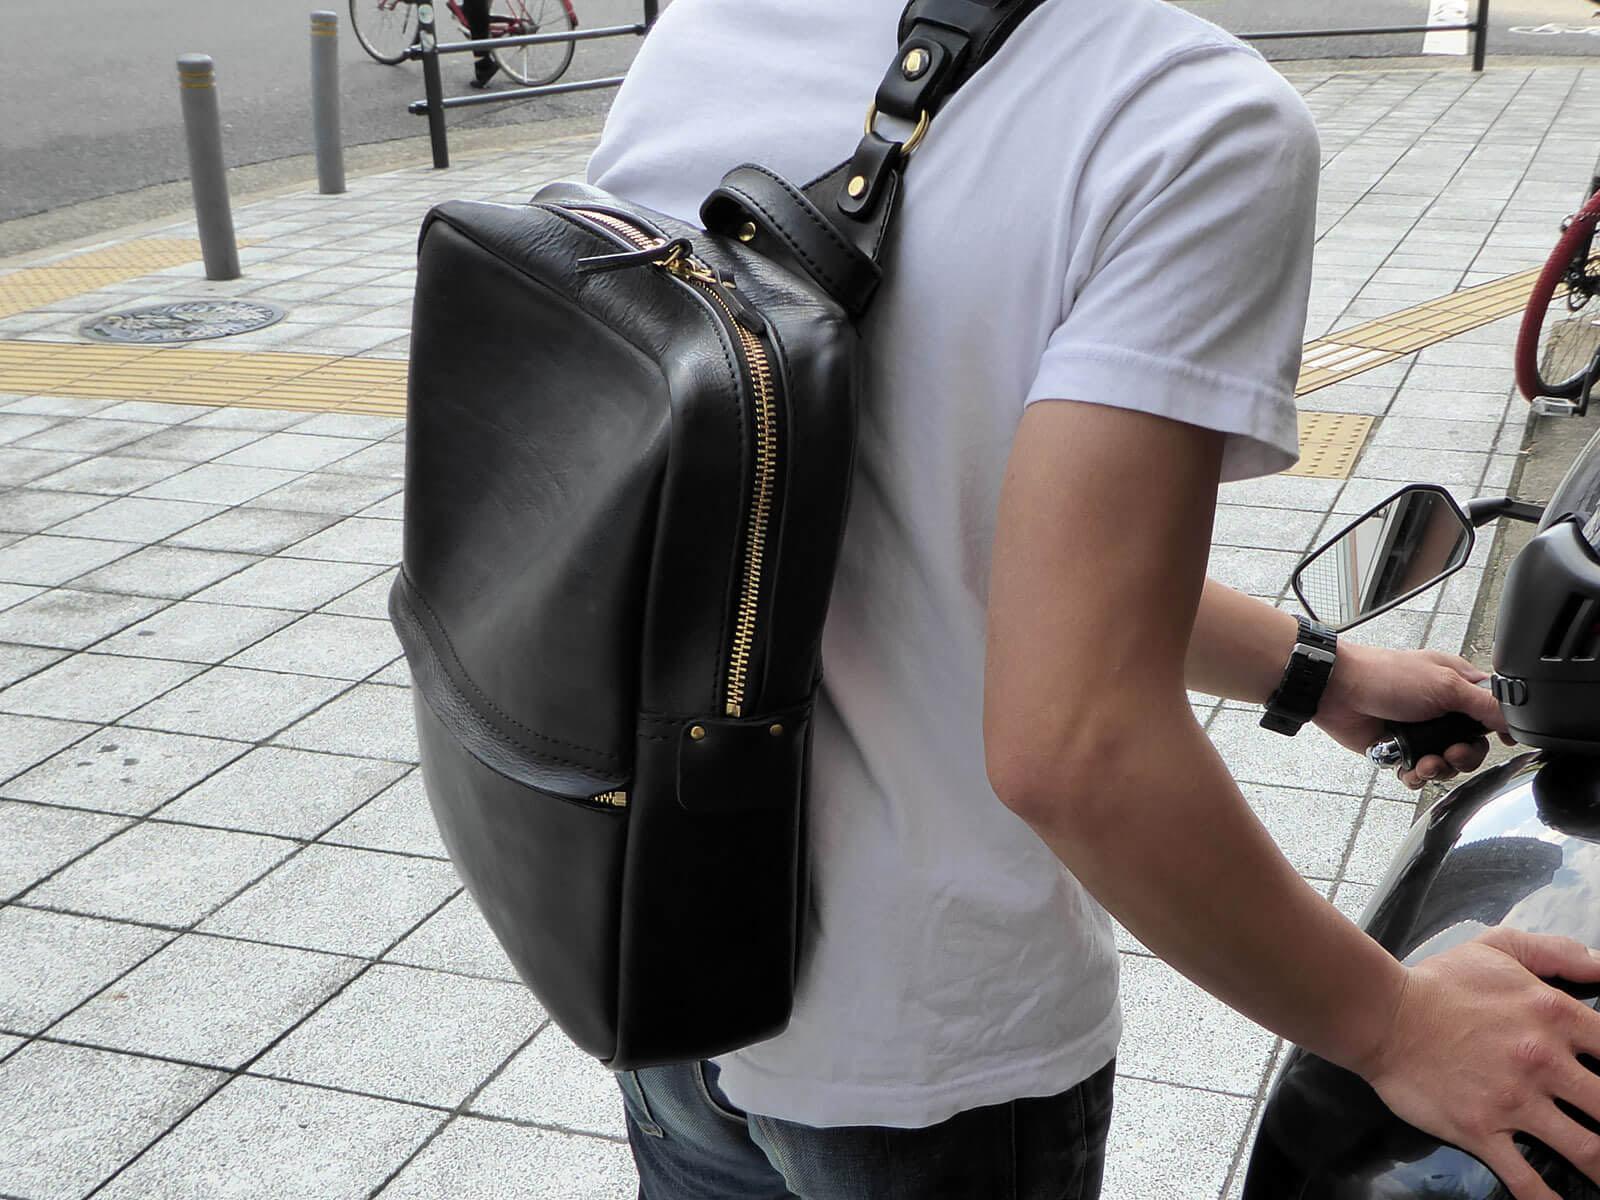 ドラマ『嫌われる勇気』にHERZのバッグが使用されています